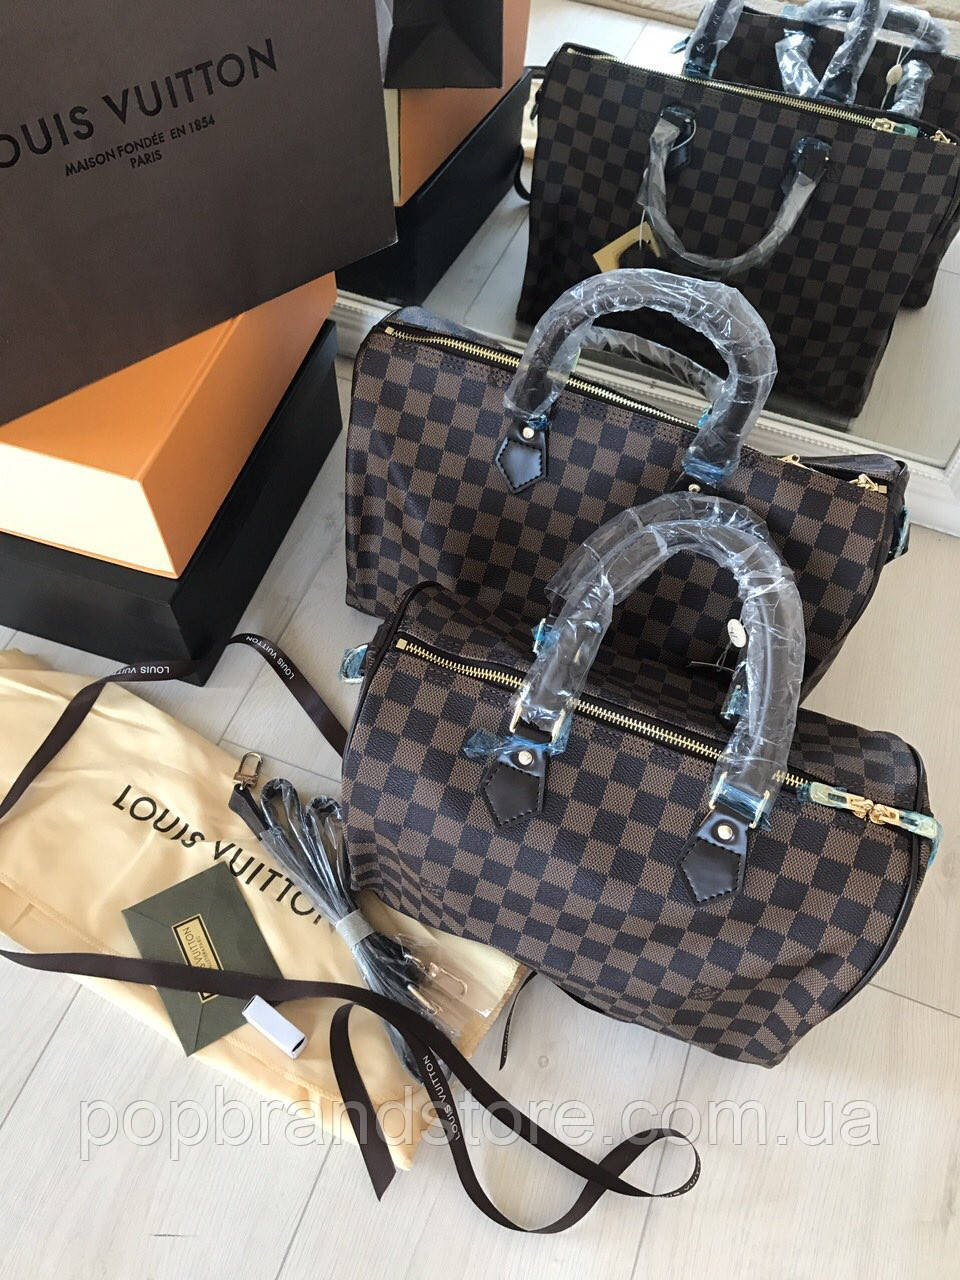 f3f870ac7689 Стильная женская сумка LOUIS VUITTON SPEEDY DAMIER 30 см (реплика ...